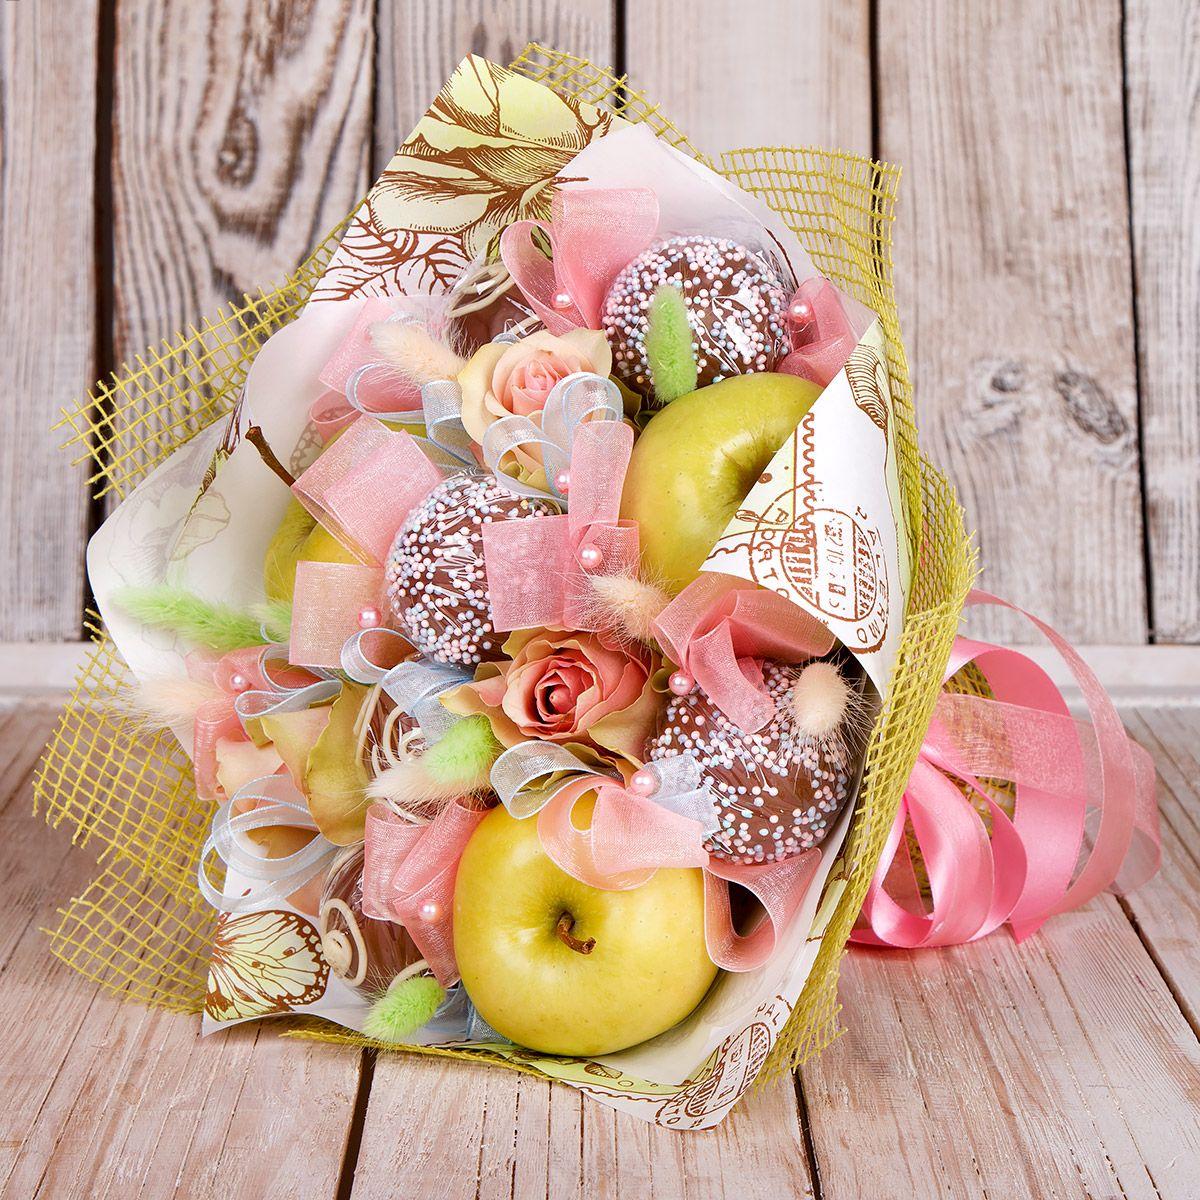 Троицей открытки, картинки букетов из фруктов и конфет